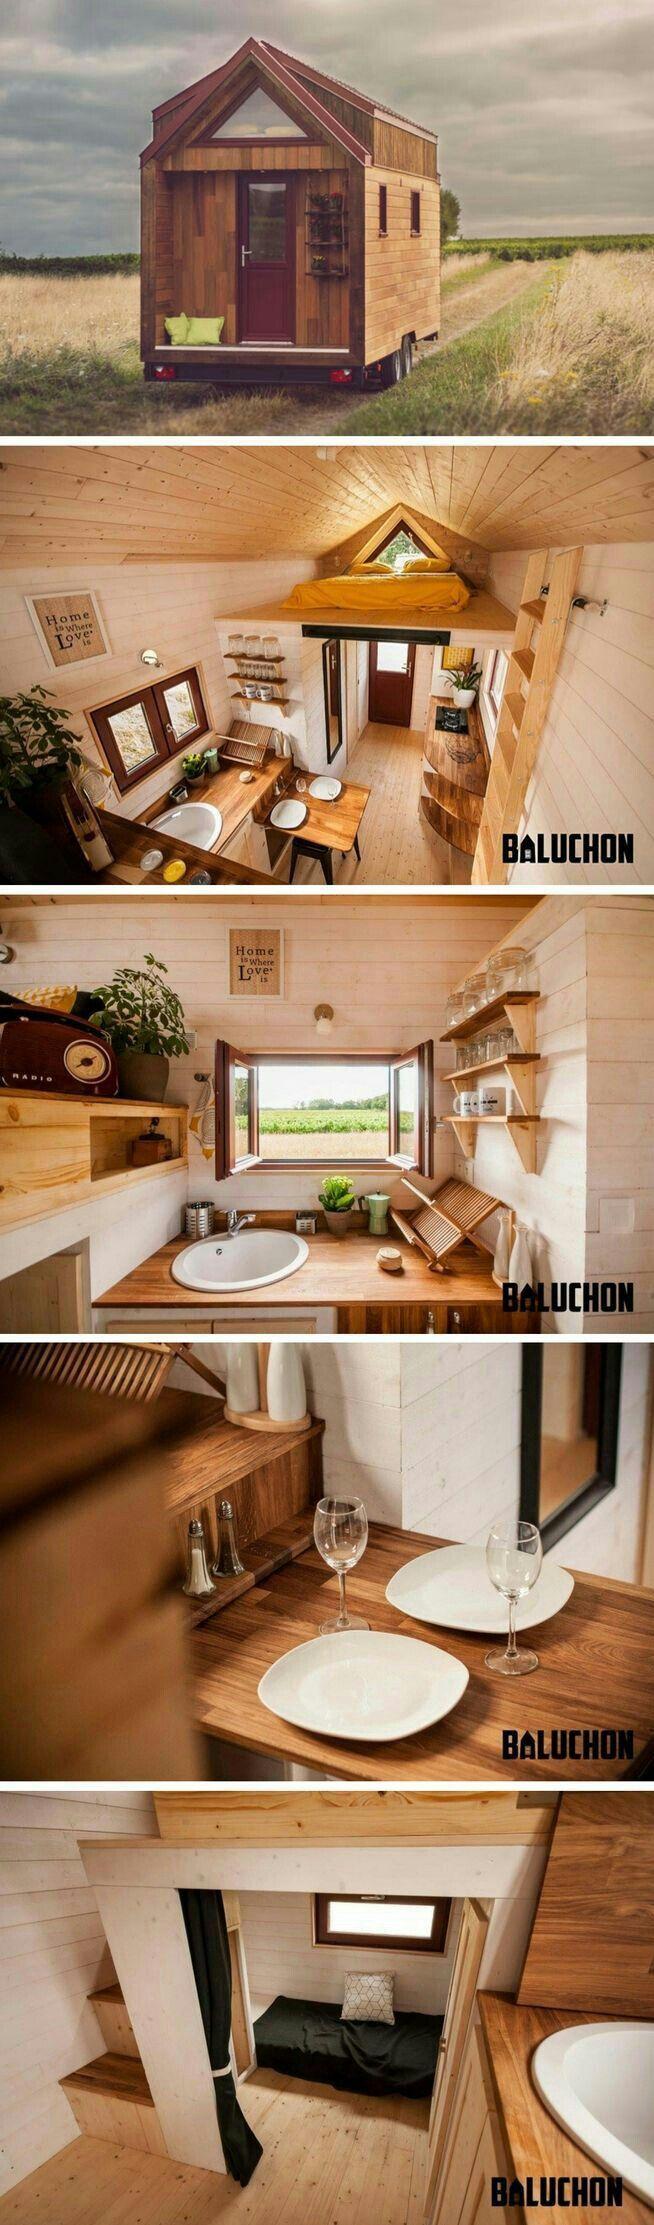 Pin von Catalina Guzman auf tiny houses | Pinterest | Holzhäuschen ...